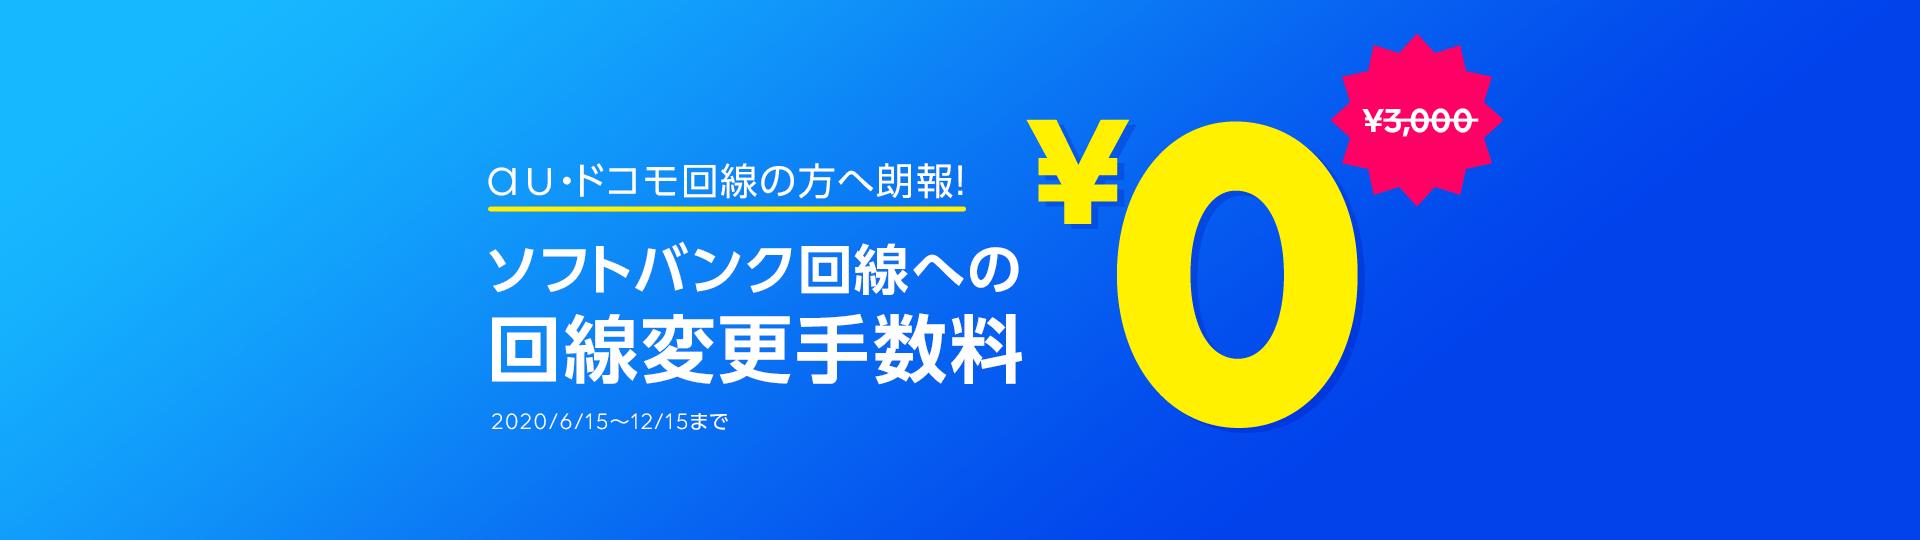 au・ドコモ回線の方へ朗報 増速中ソフトバンク回線への 回線変更手数料¥0